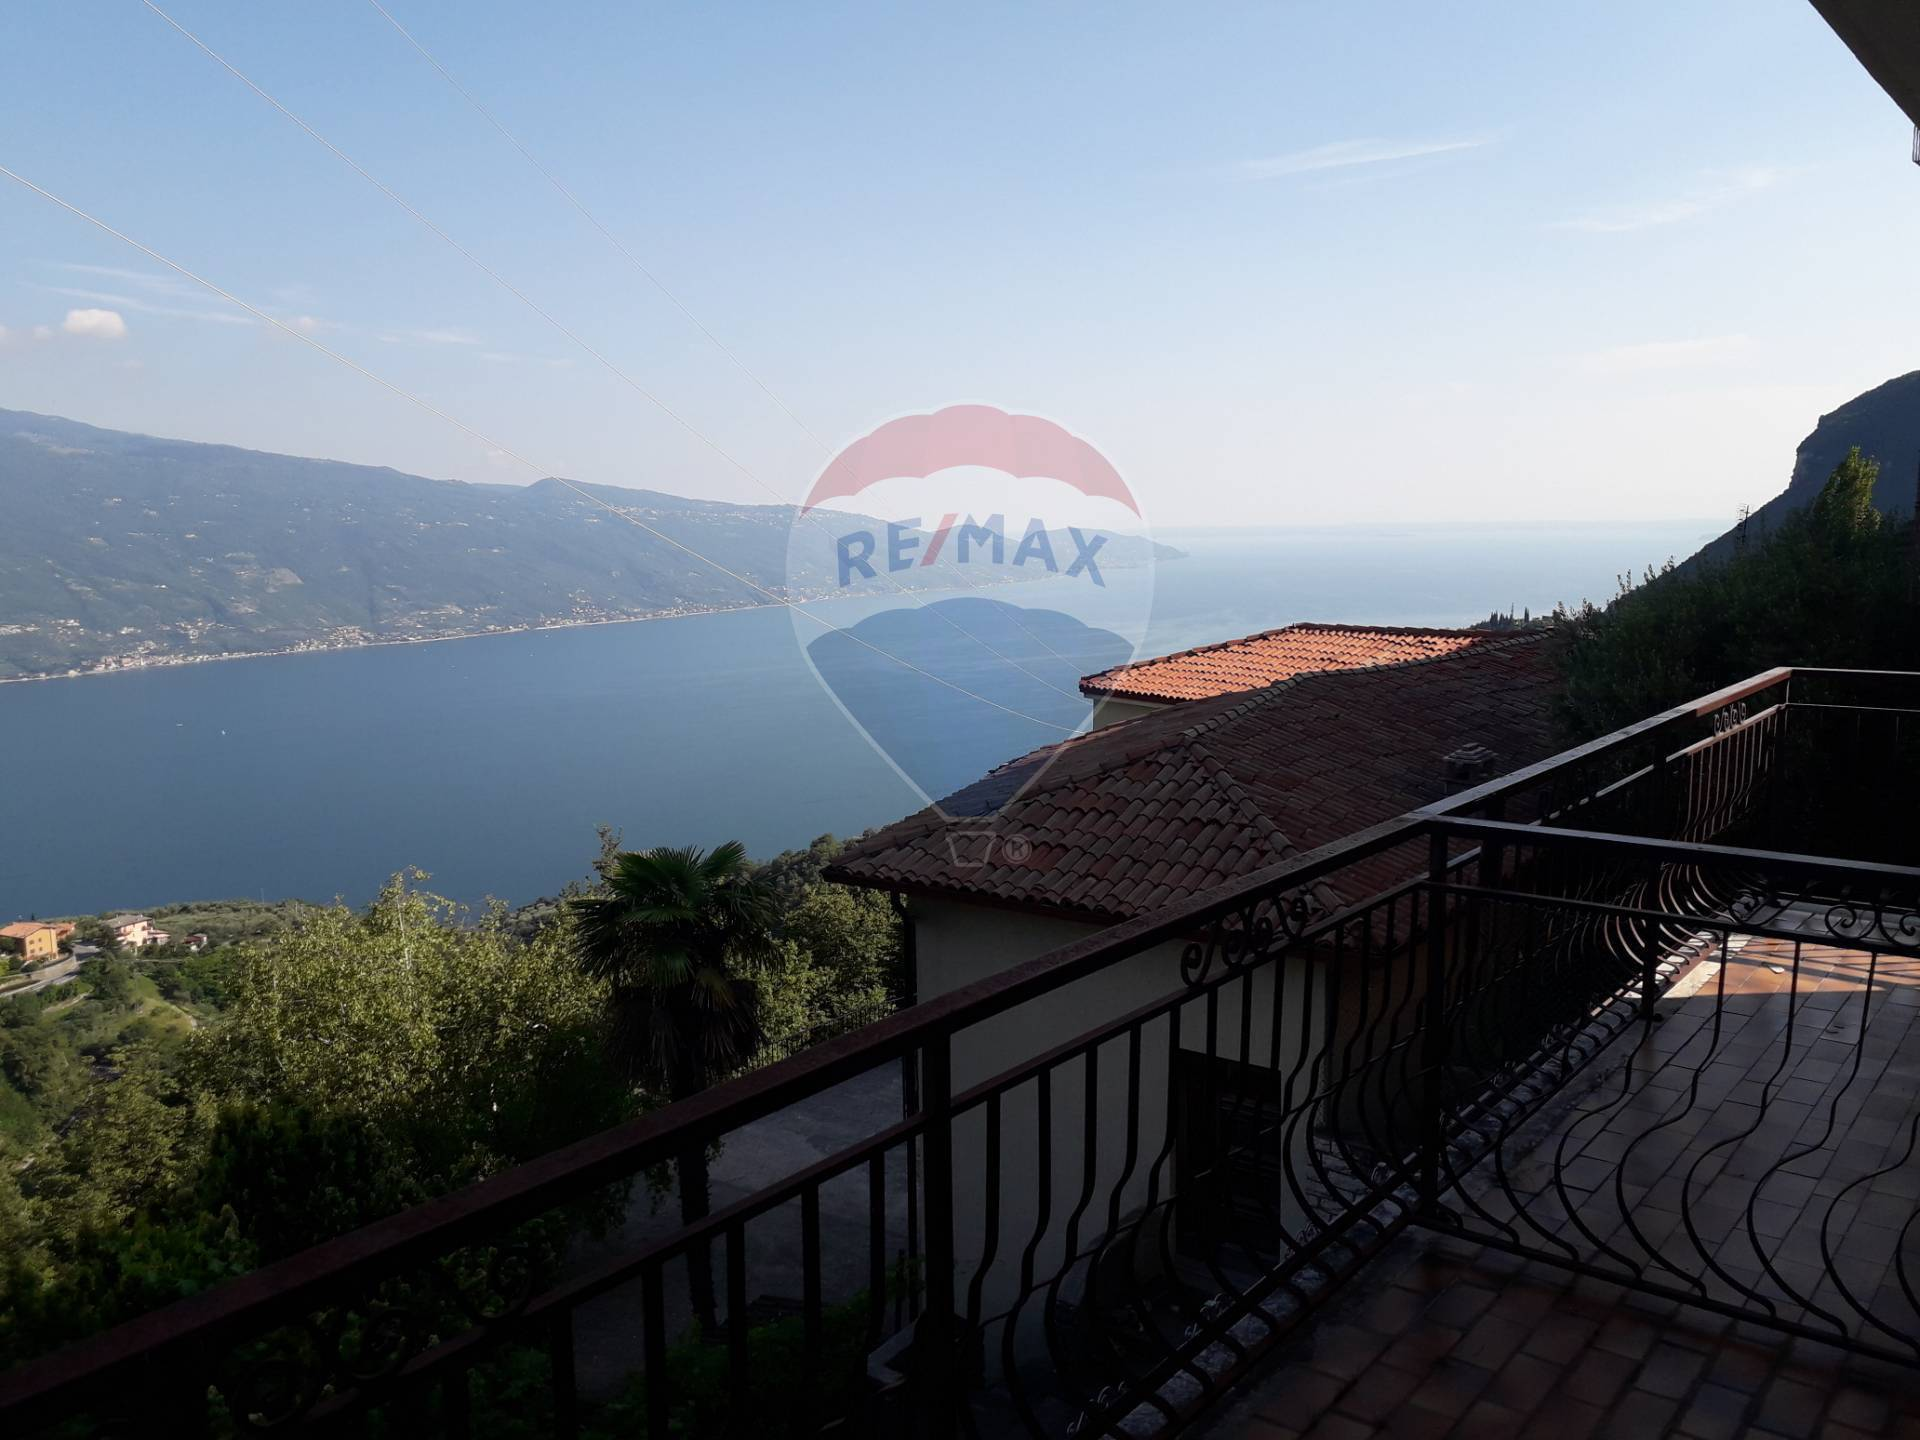 Appartamento in vendita a Tignale, 2 locali, zona Zona: Gardola, prezzo € 103.000 | CambioCasa.it